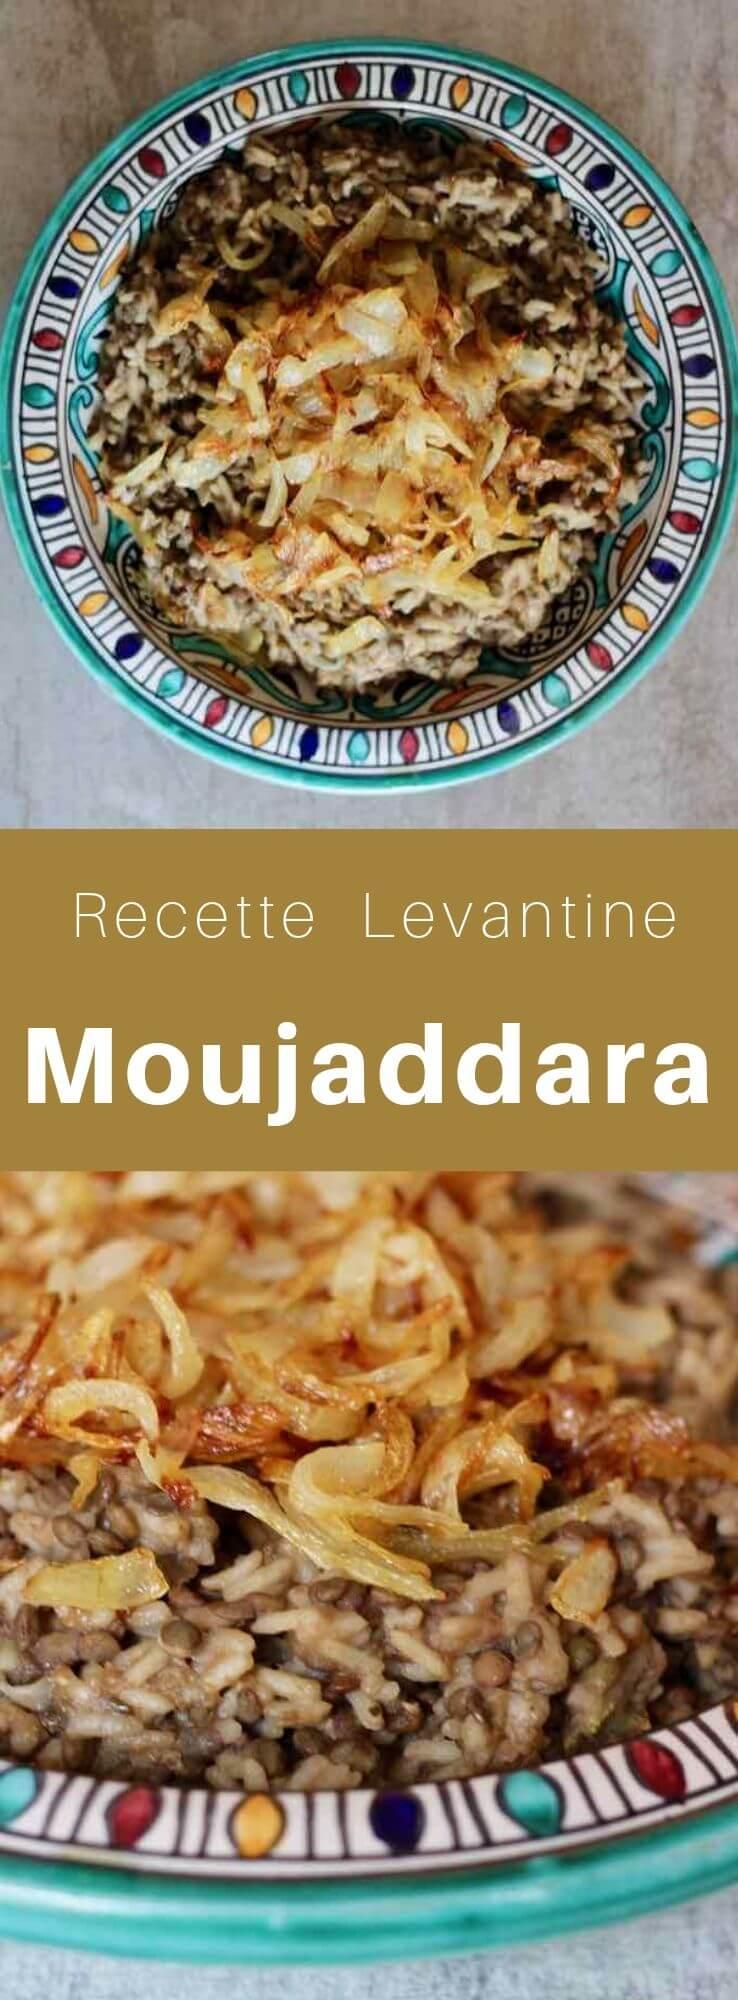 Le moujaddara est un plat traditionnel du Moyen-Orient à base de lentilles cuites avec du riz du boulghour ou du blé garnis d'oignons frits à l'huile d'olive. #CuisineMoyenOrientale #MoyenOrient #CuisineArabe #RecetteArabe #CuisineDuMonde #196flavors